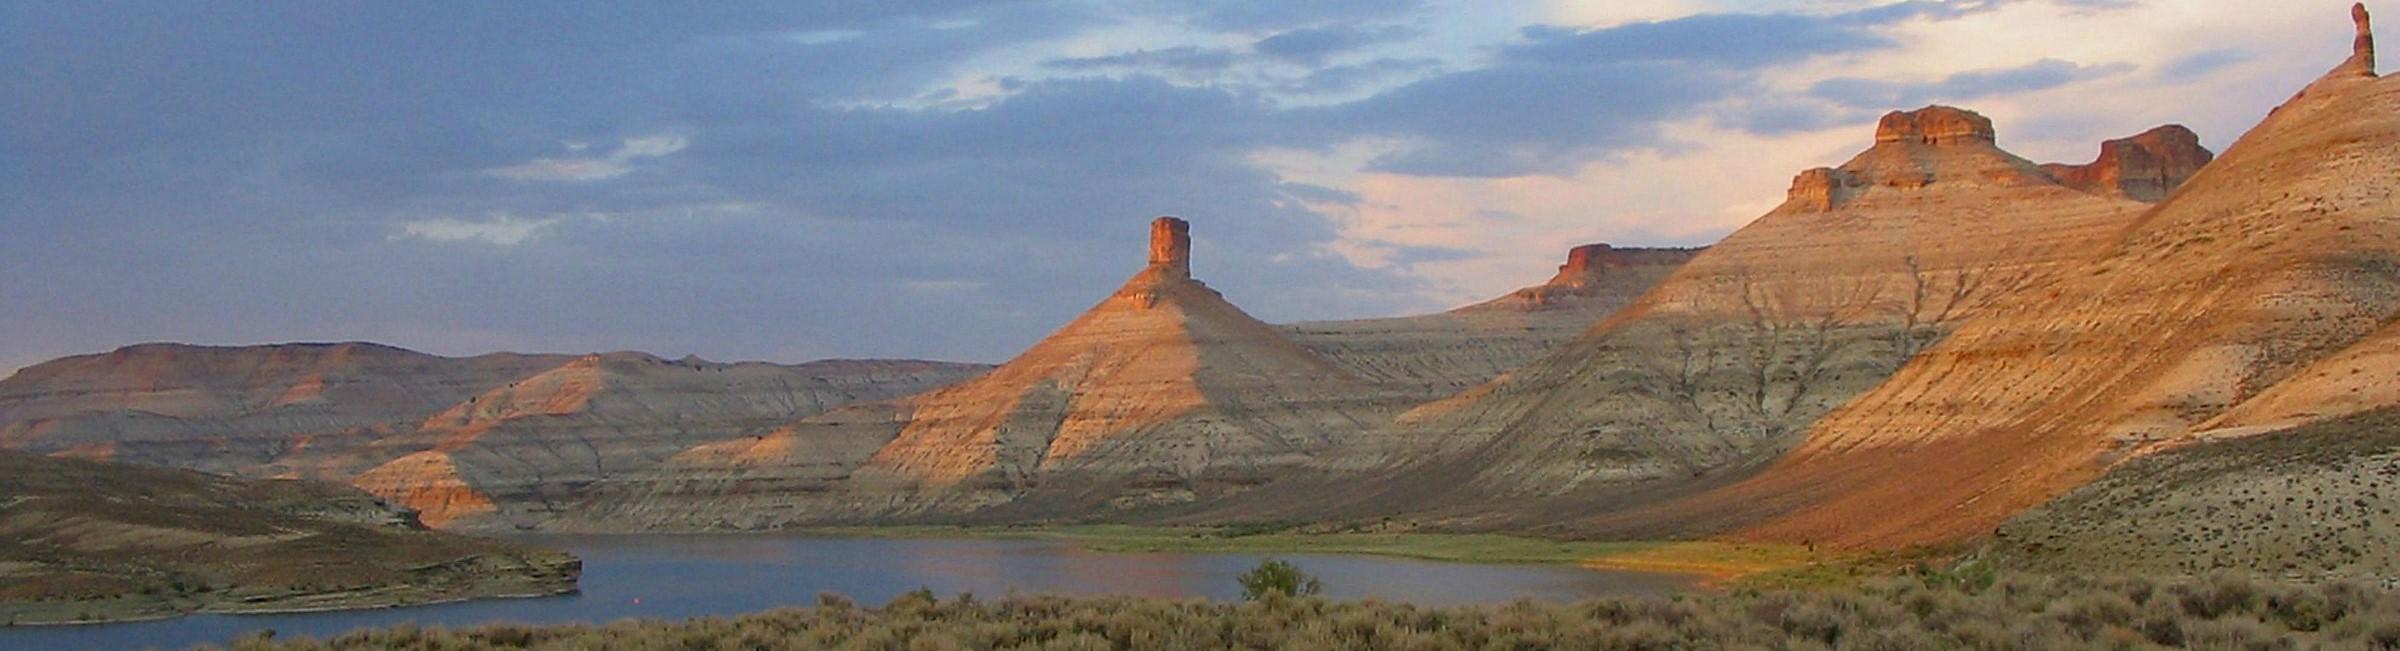 Rock Springs, Wyoming